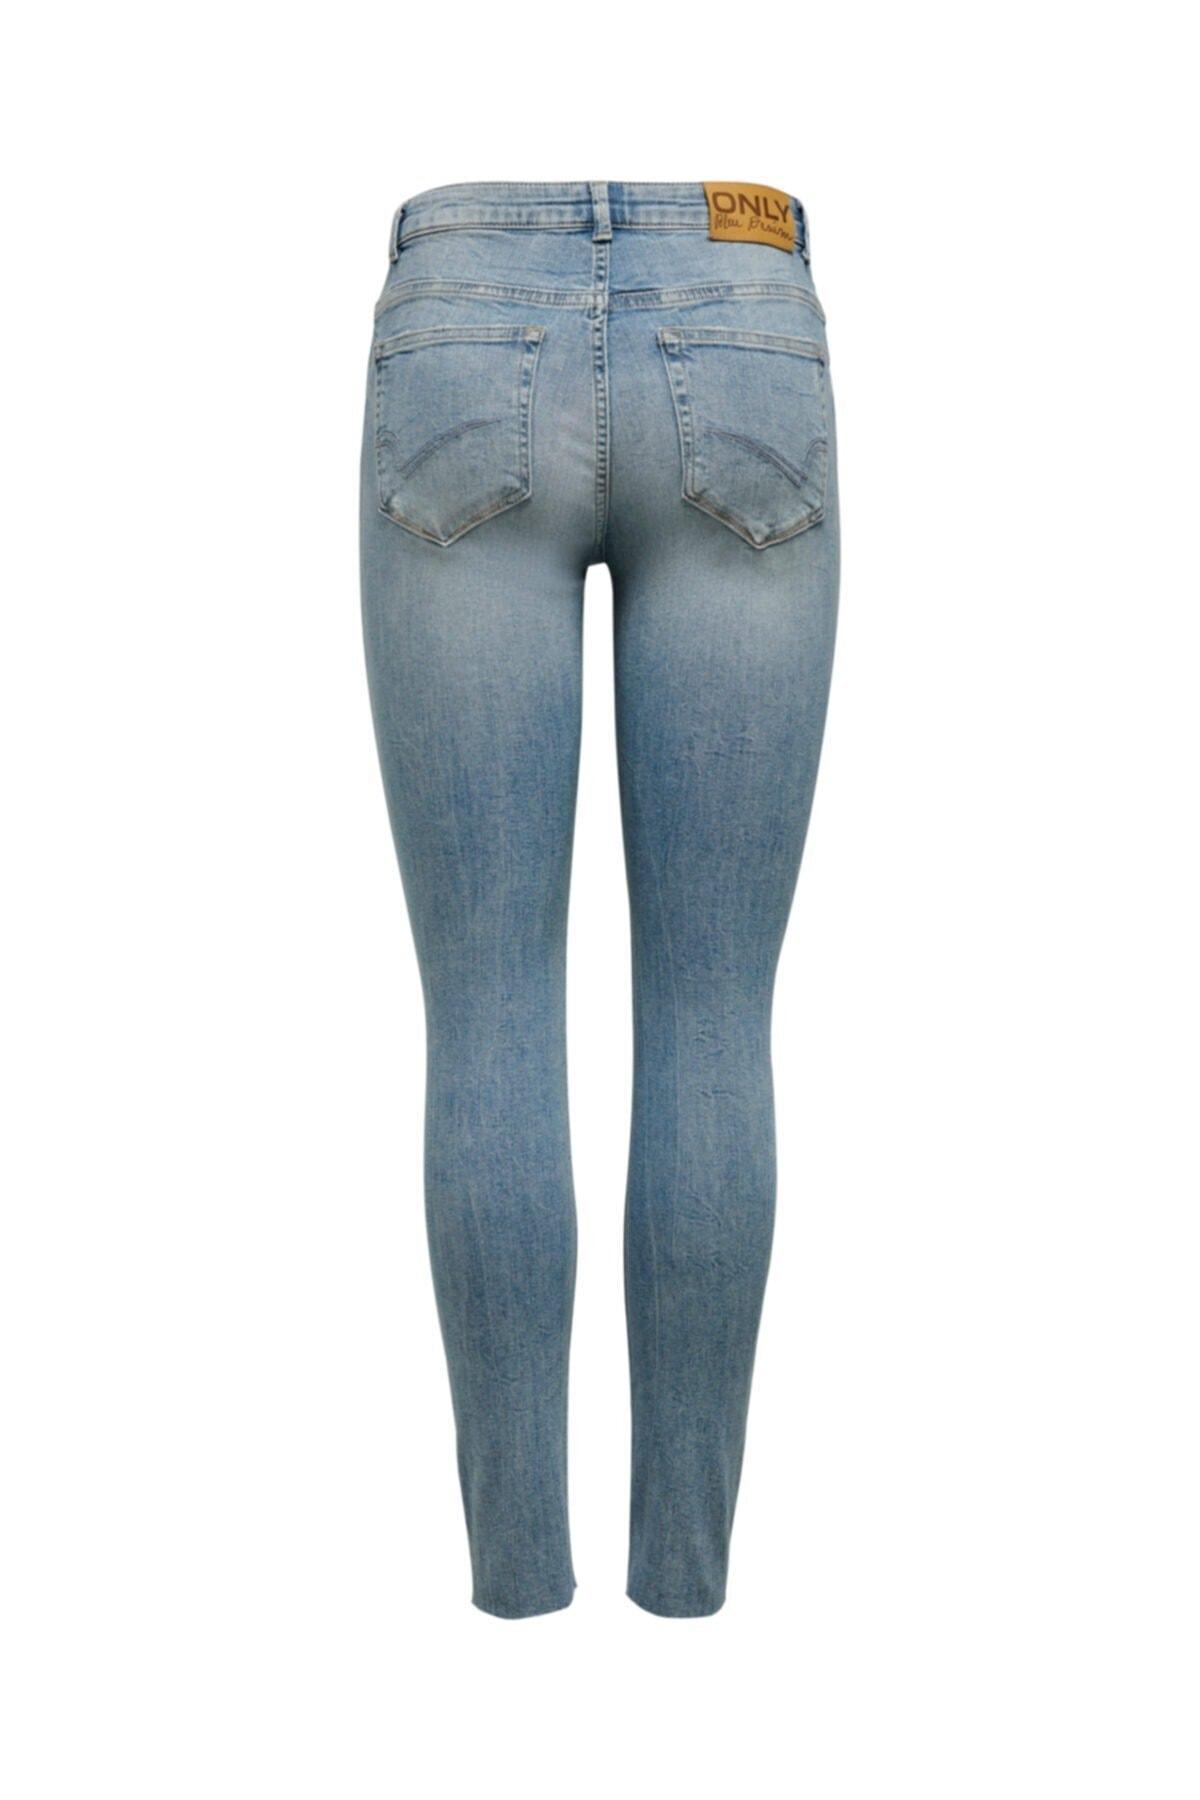 Only Carmen Lıfe Reg Kadın Jeans 15208306 2